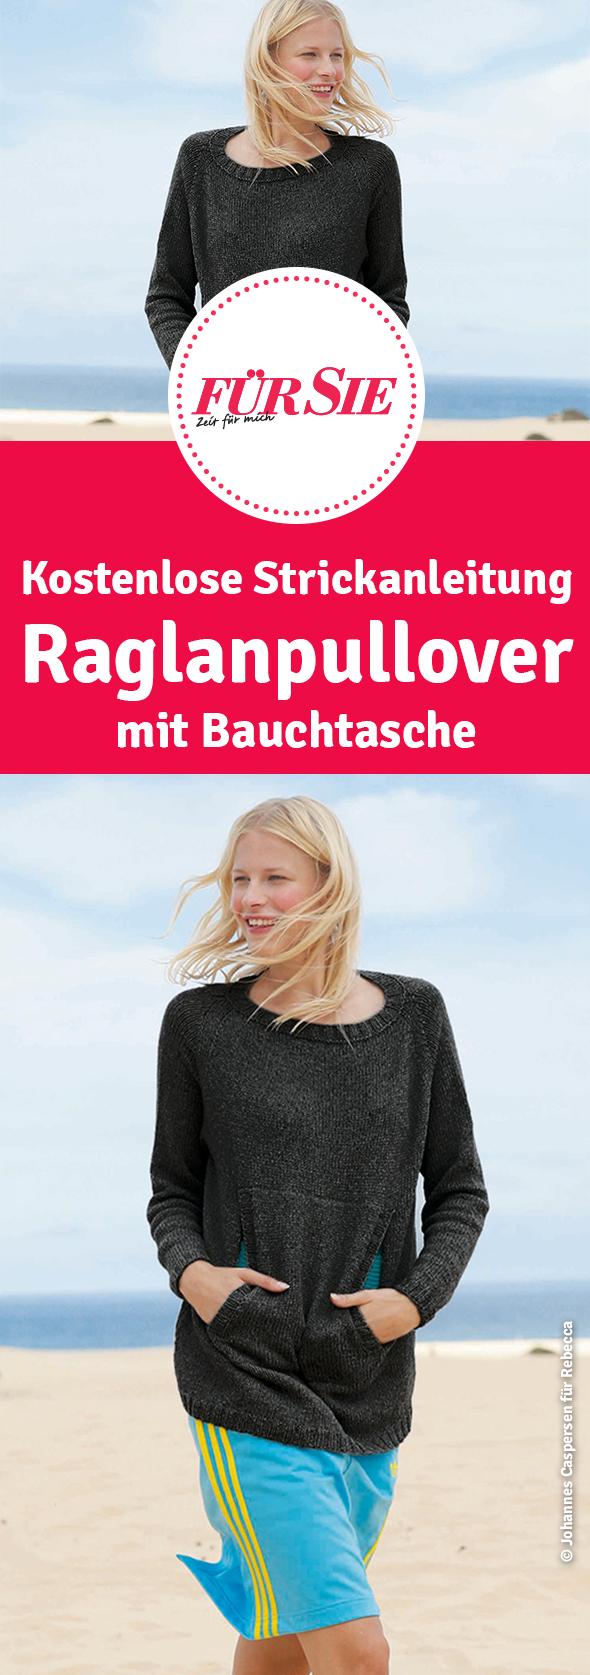 Photo of Weiter Raglanpullover mit Bauchtasche